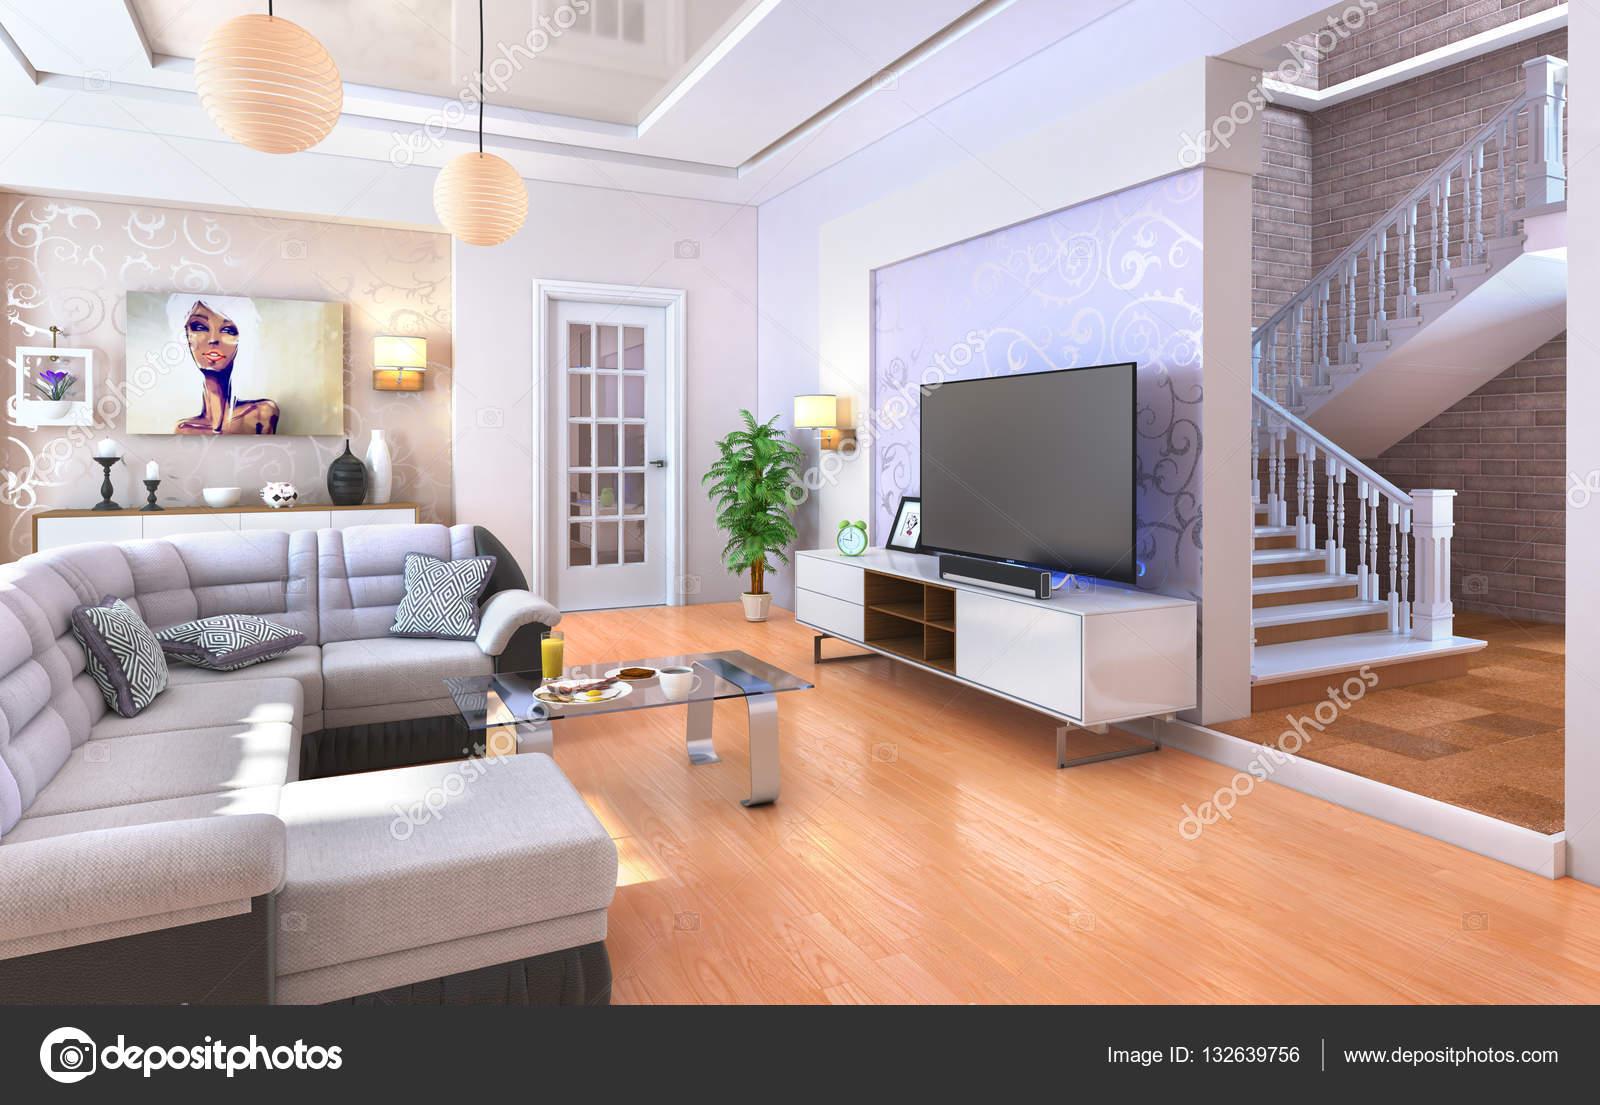 Woonkamer Houten Vloer : Soorten vloeren voor woonkamer beautiful woonkamer houten vloer